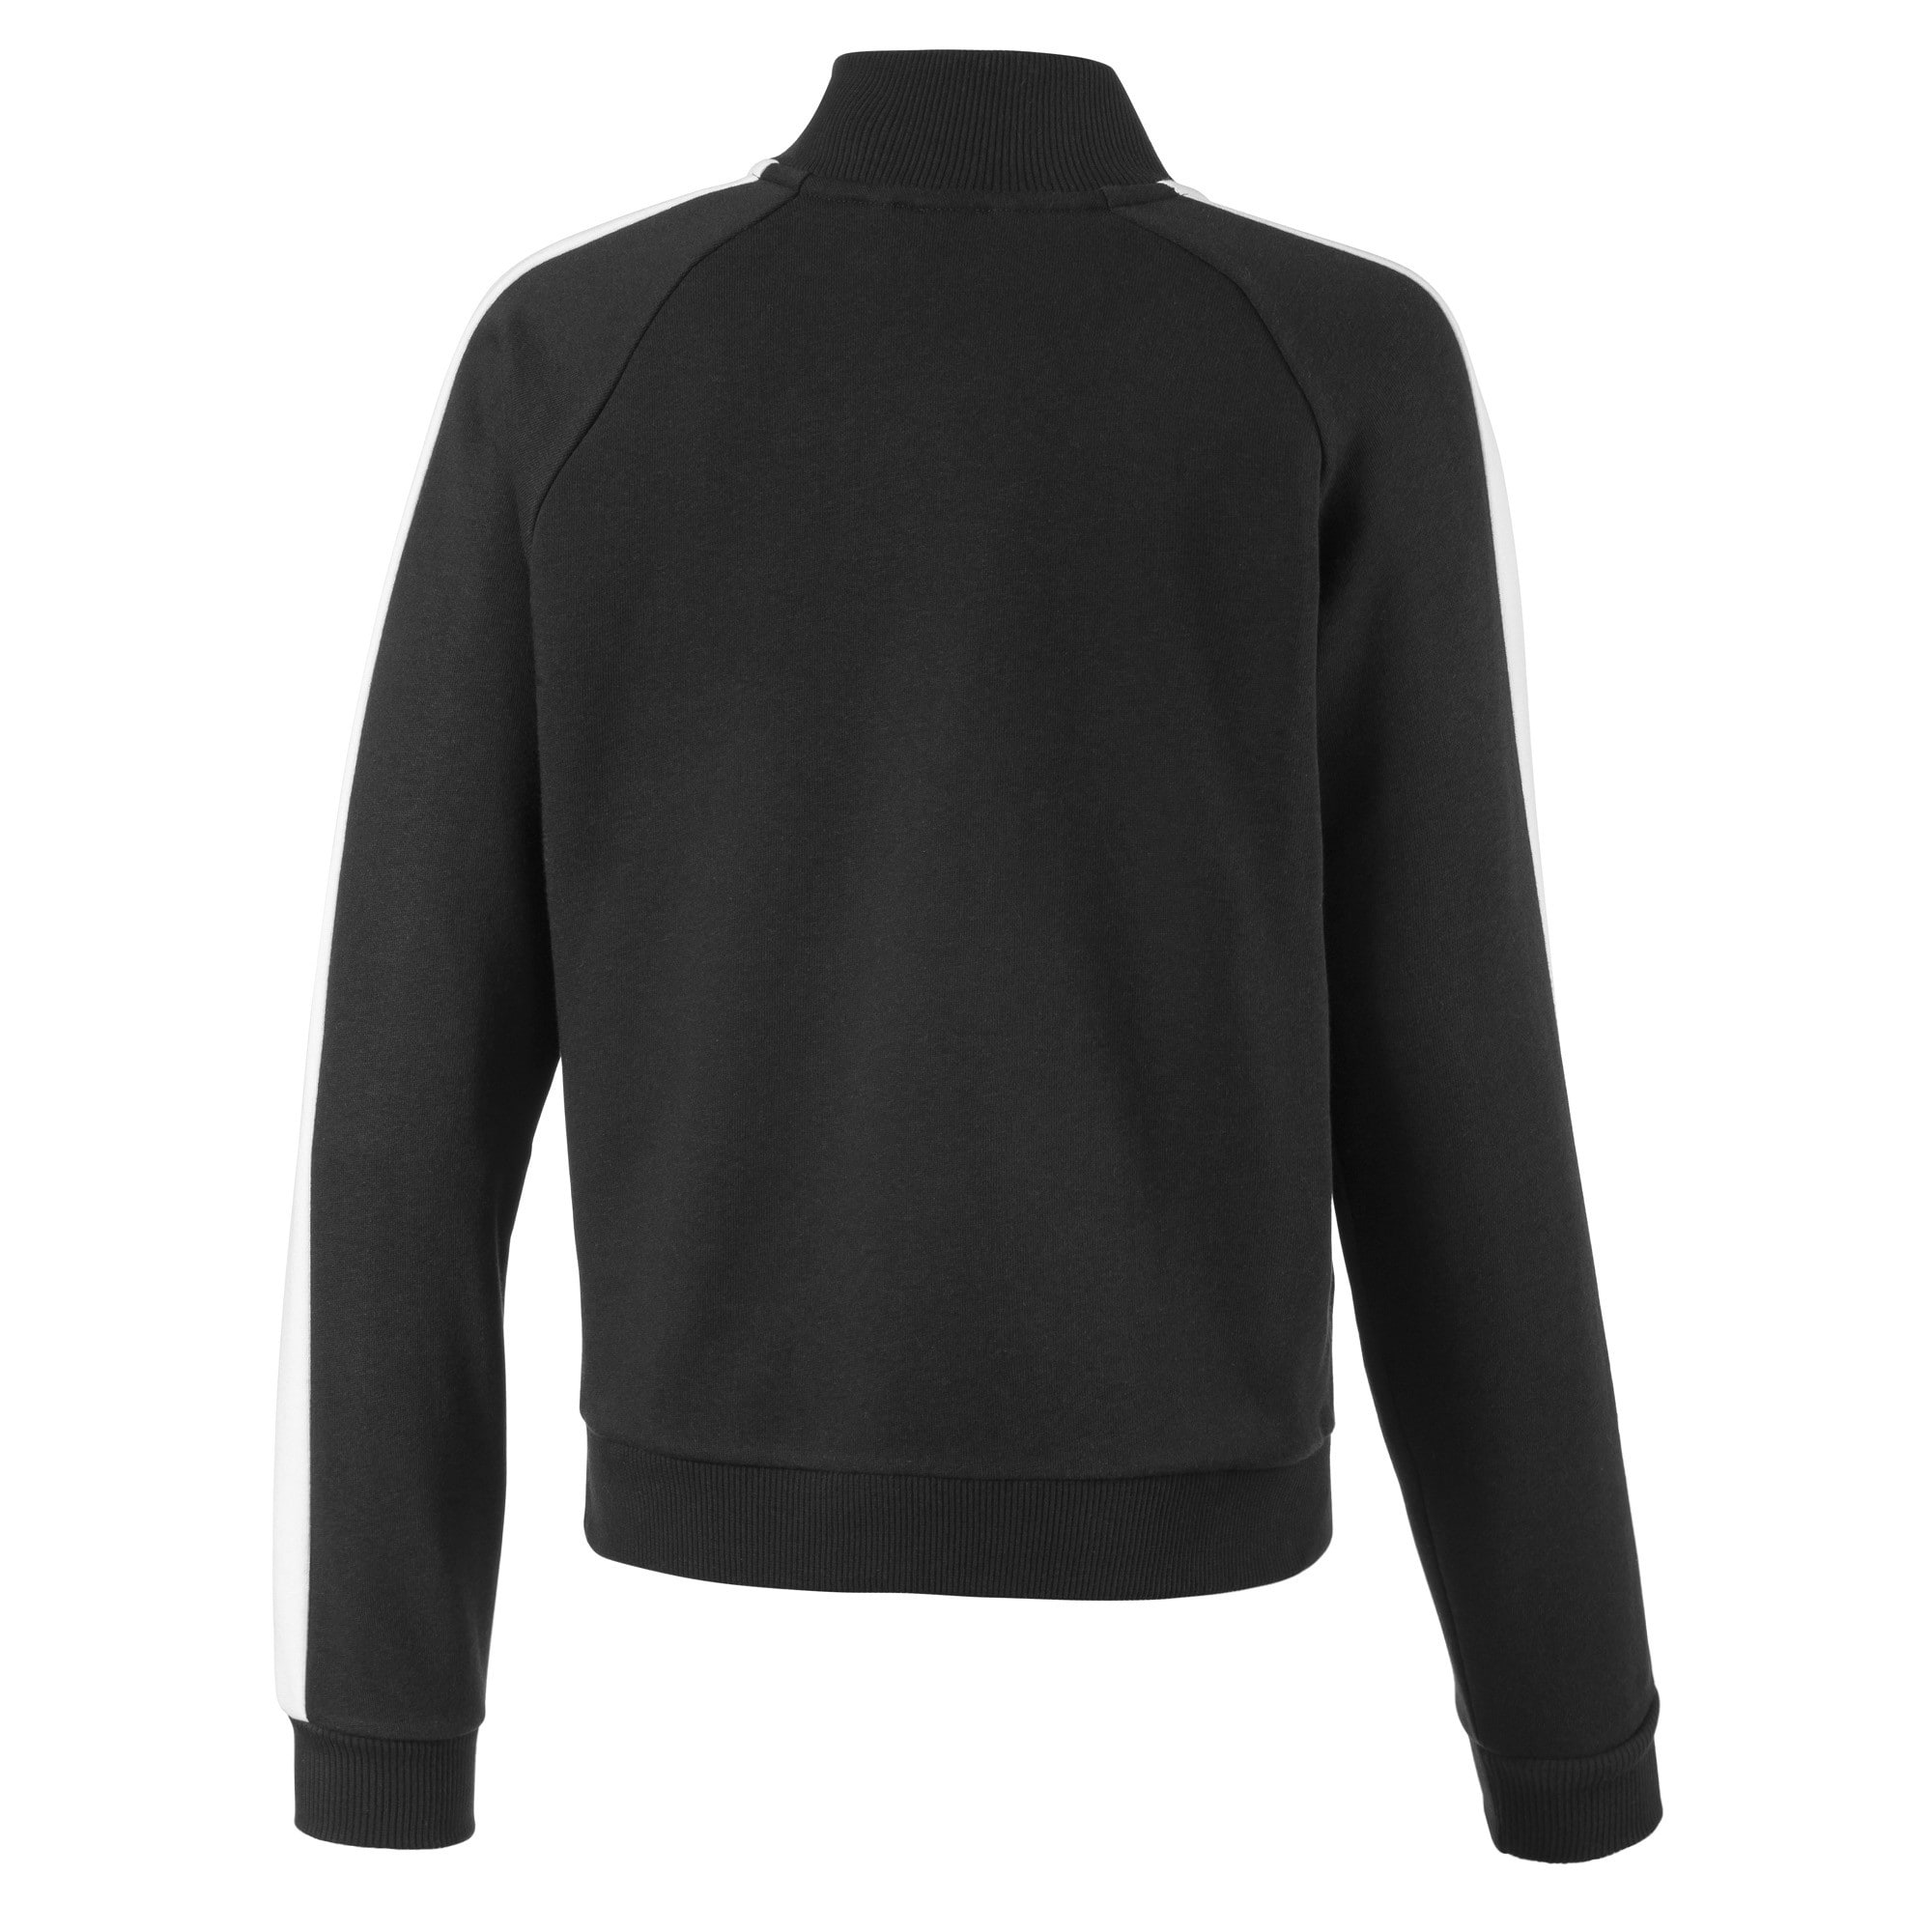 Thumbnail 2 of Classics T7 Girls' Sweat Jacket, Puma Black, medium-IND